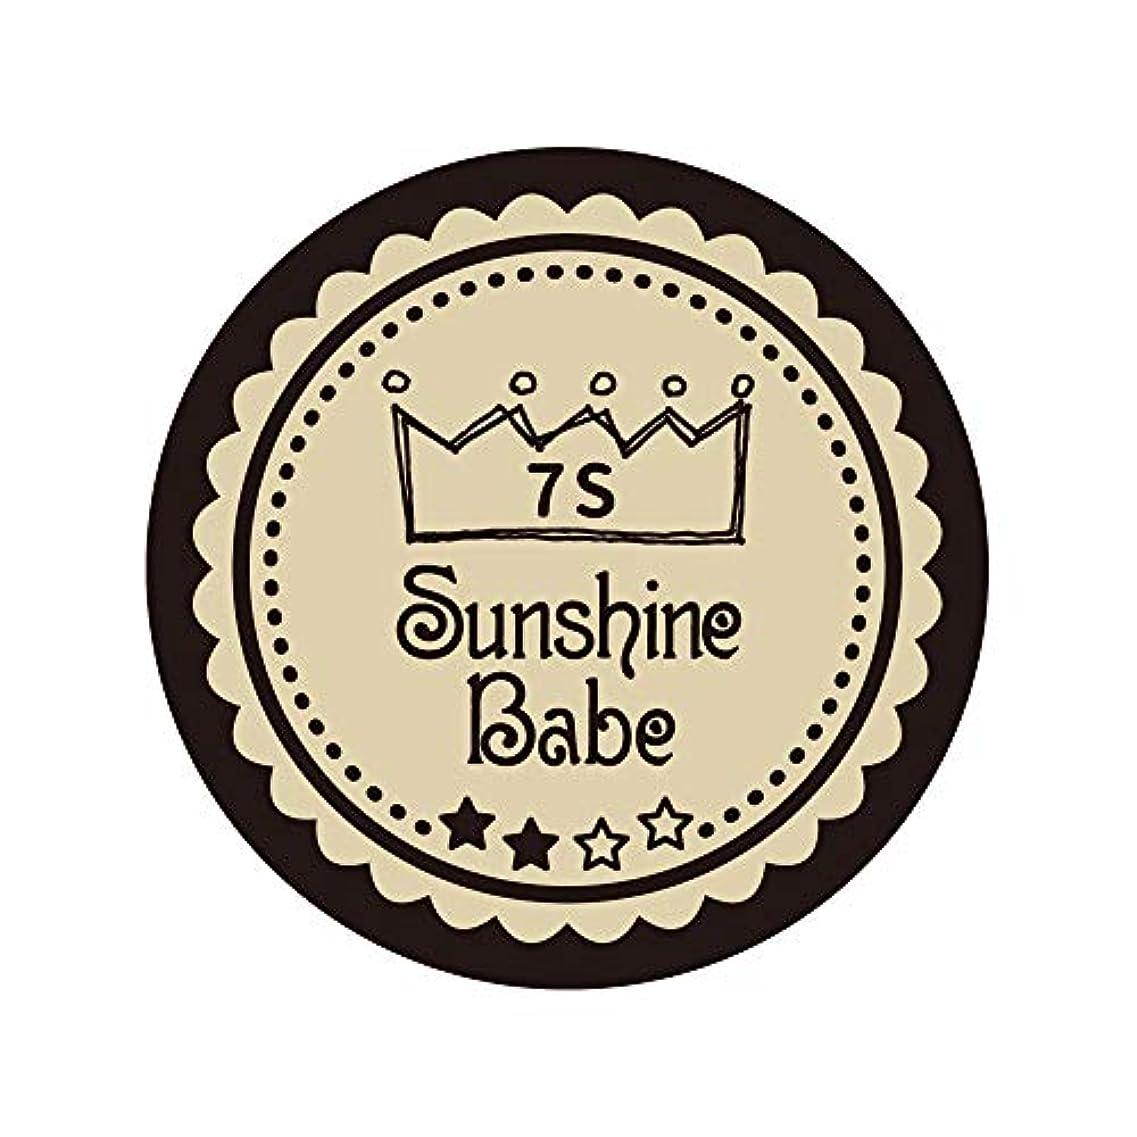 好き貢献する到着するSunshine Babe カラージェル 7S ウォームサンド 2.7g UV/LED対応